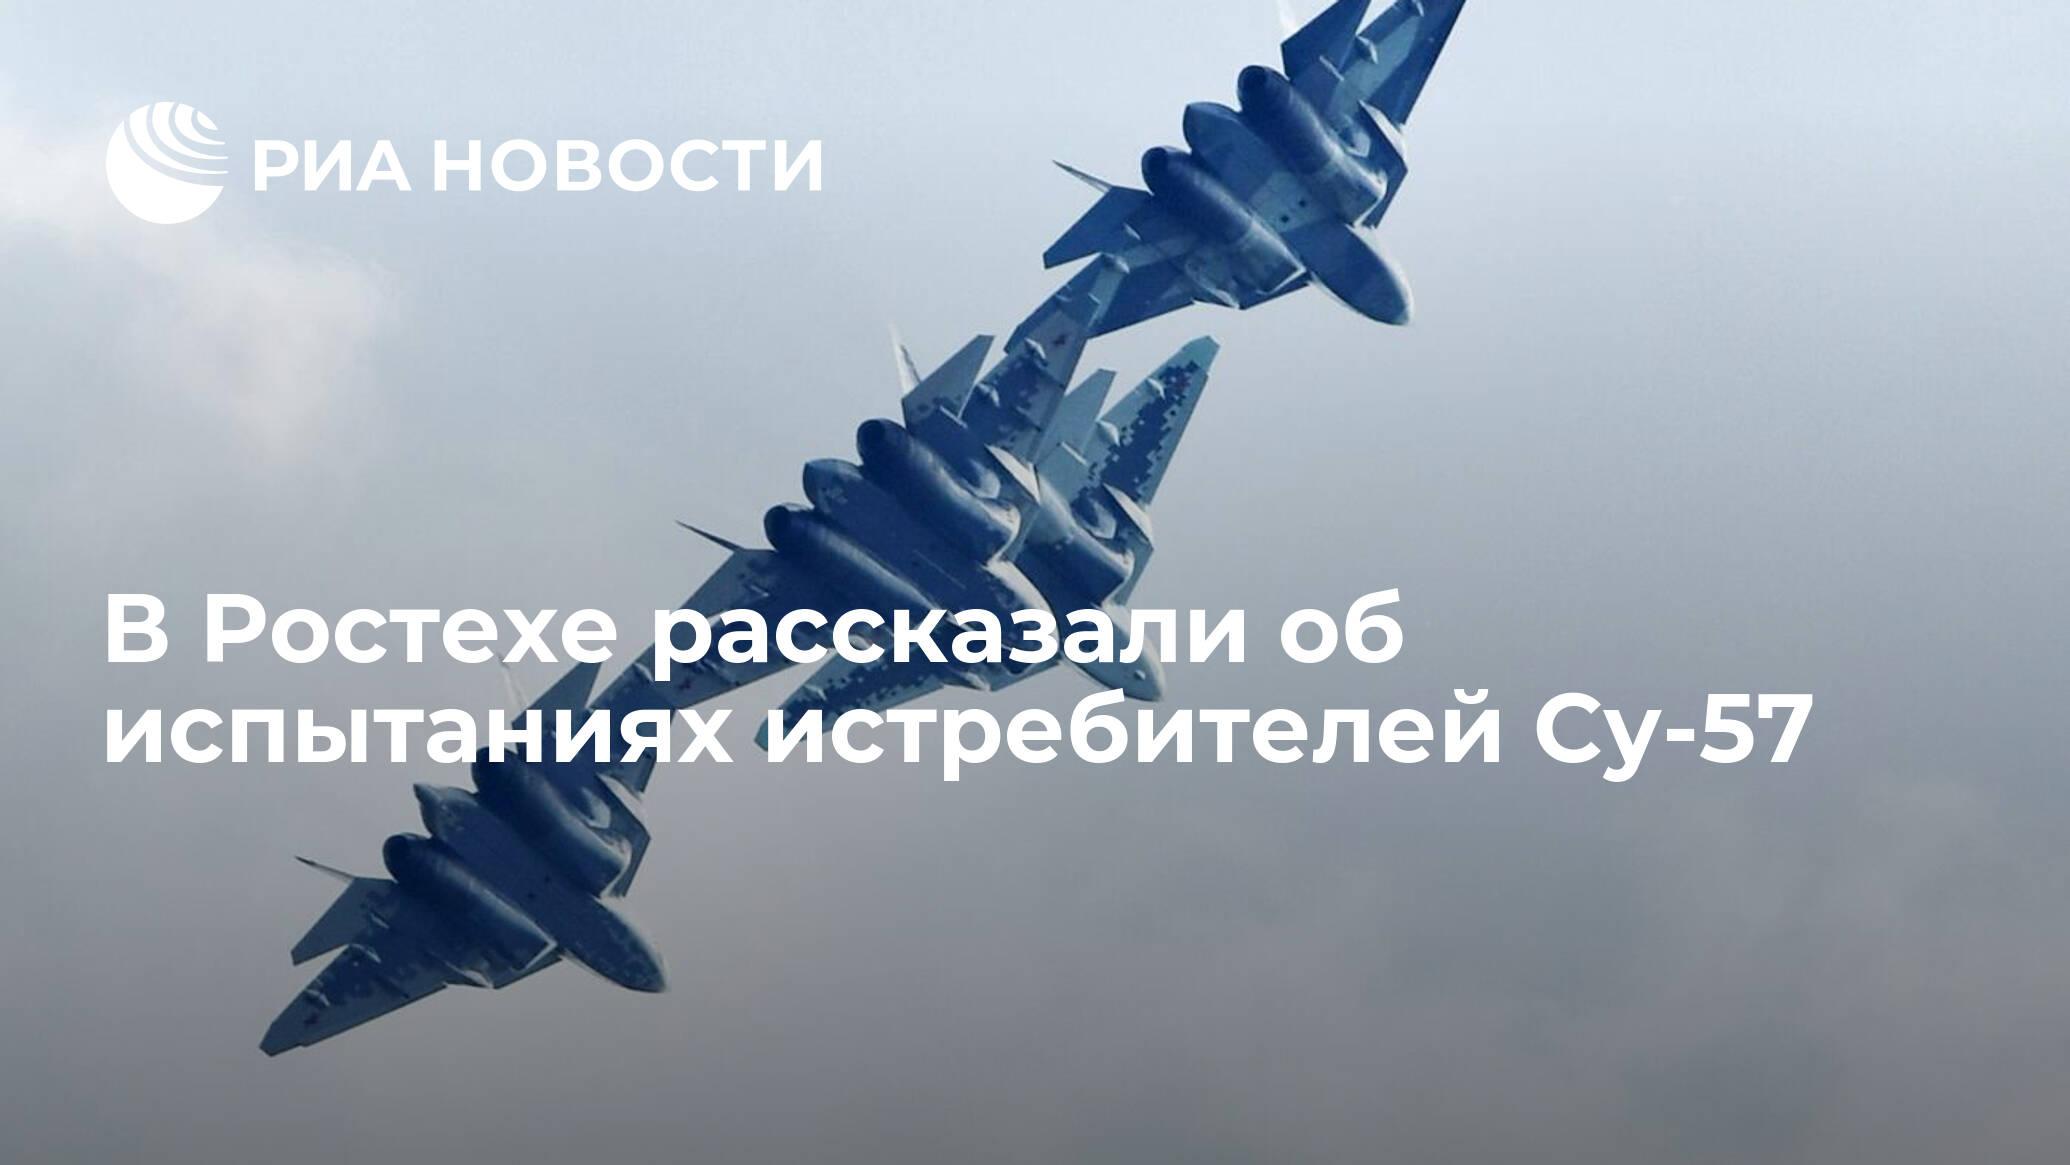 В Ростехе рассказали об испытаниях истребителей Су-57